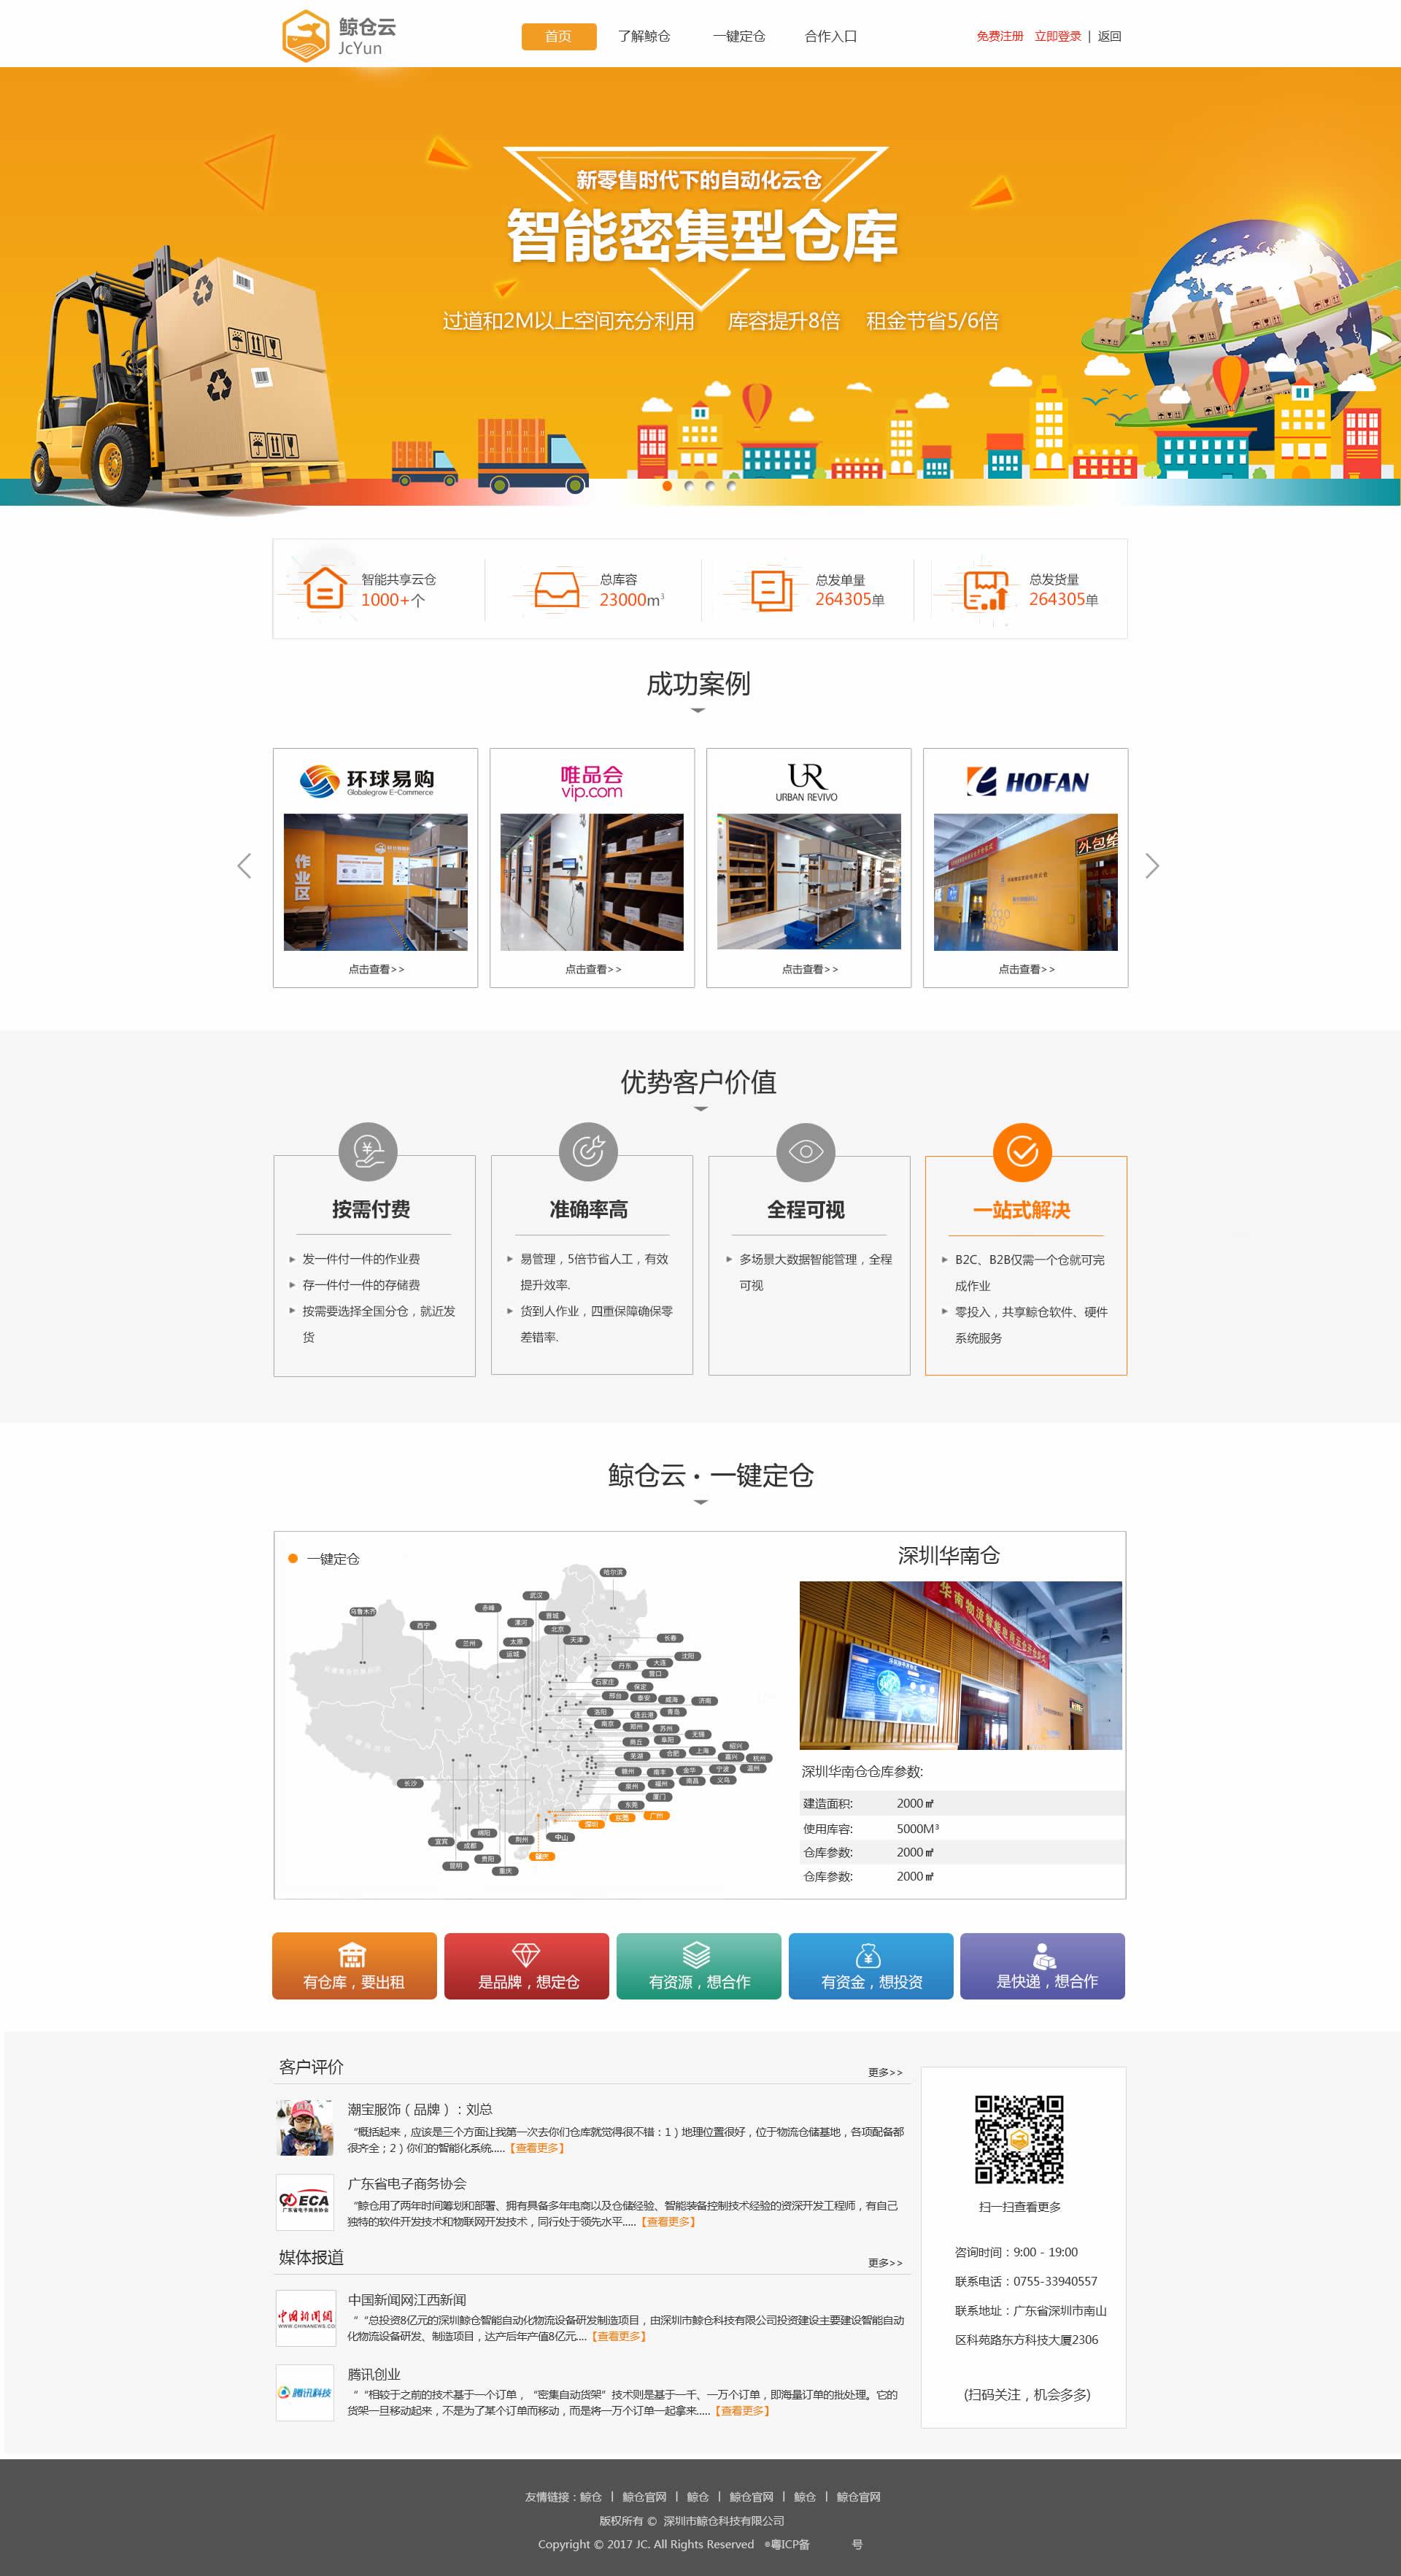 深圳智能仓储行业网站UI设计 高端企业网站UI设计